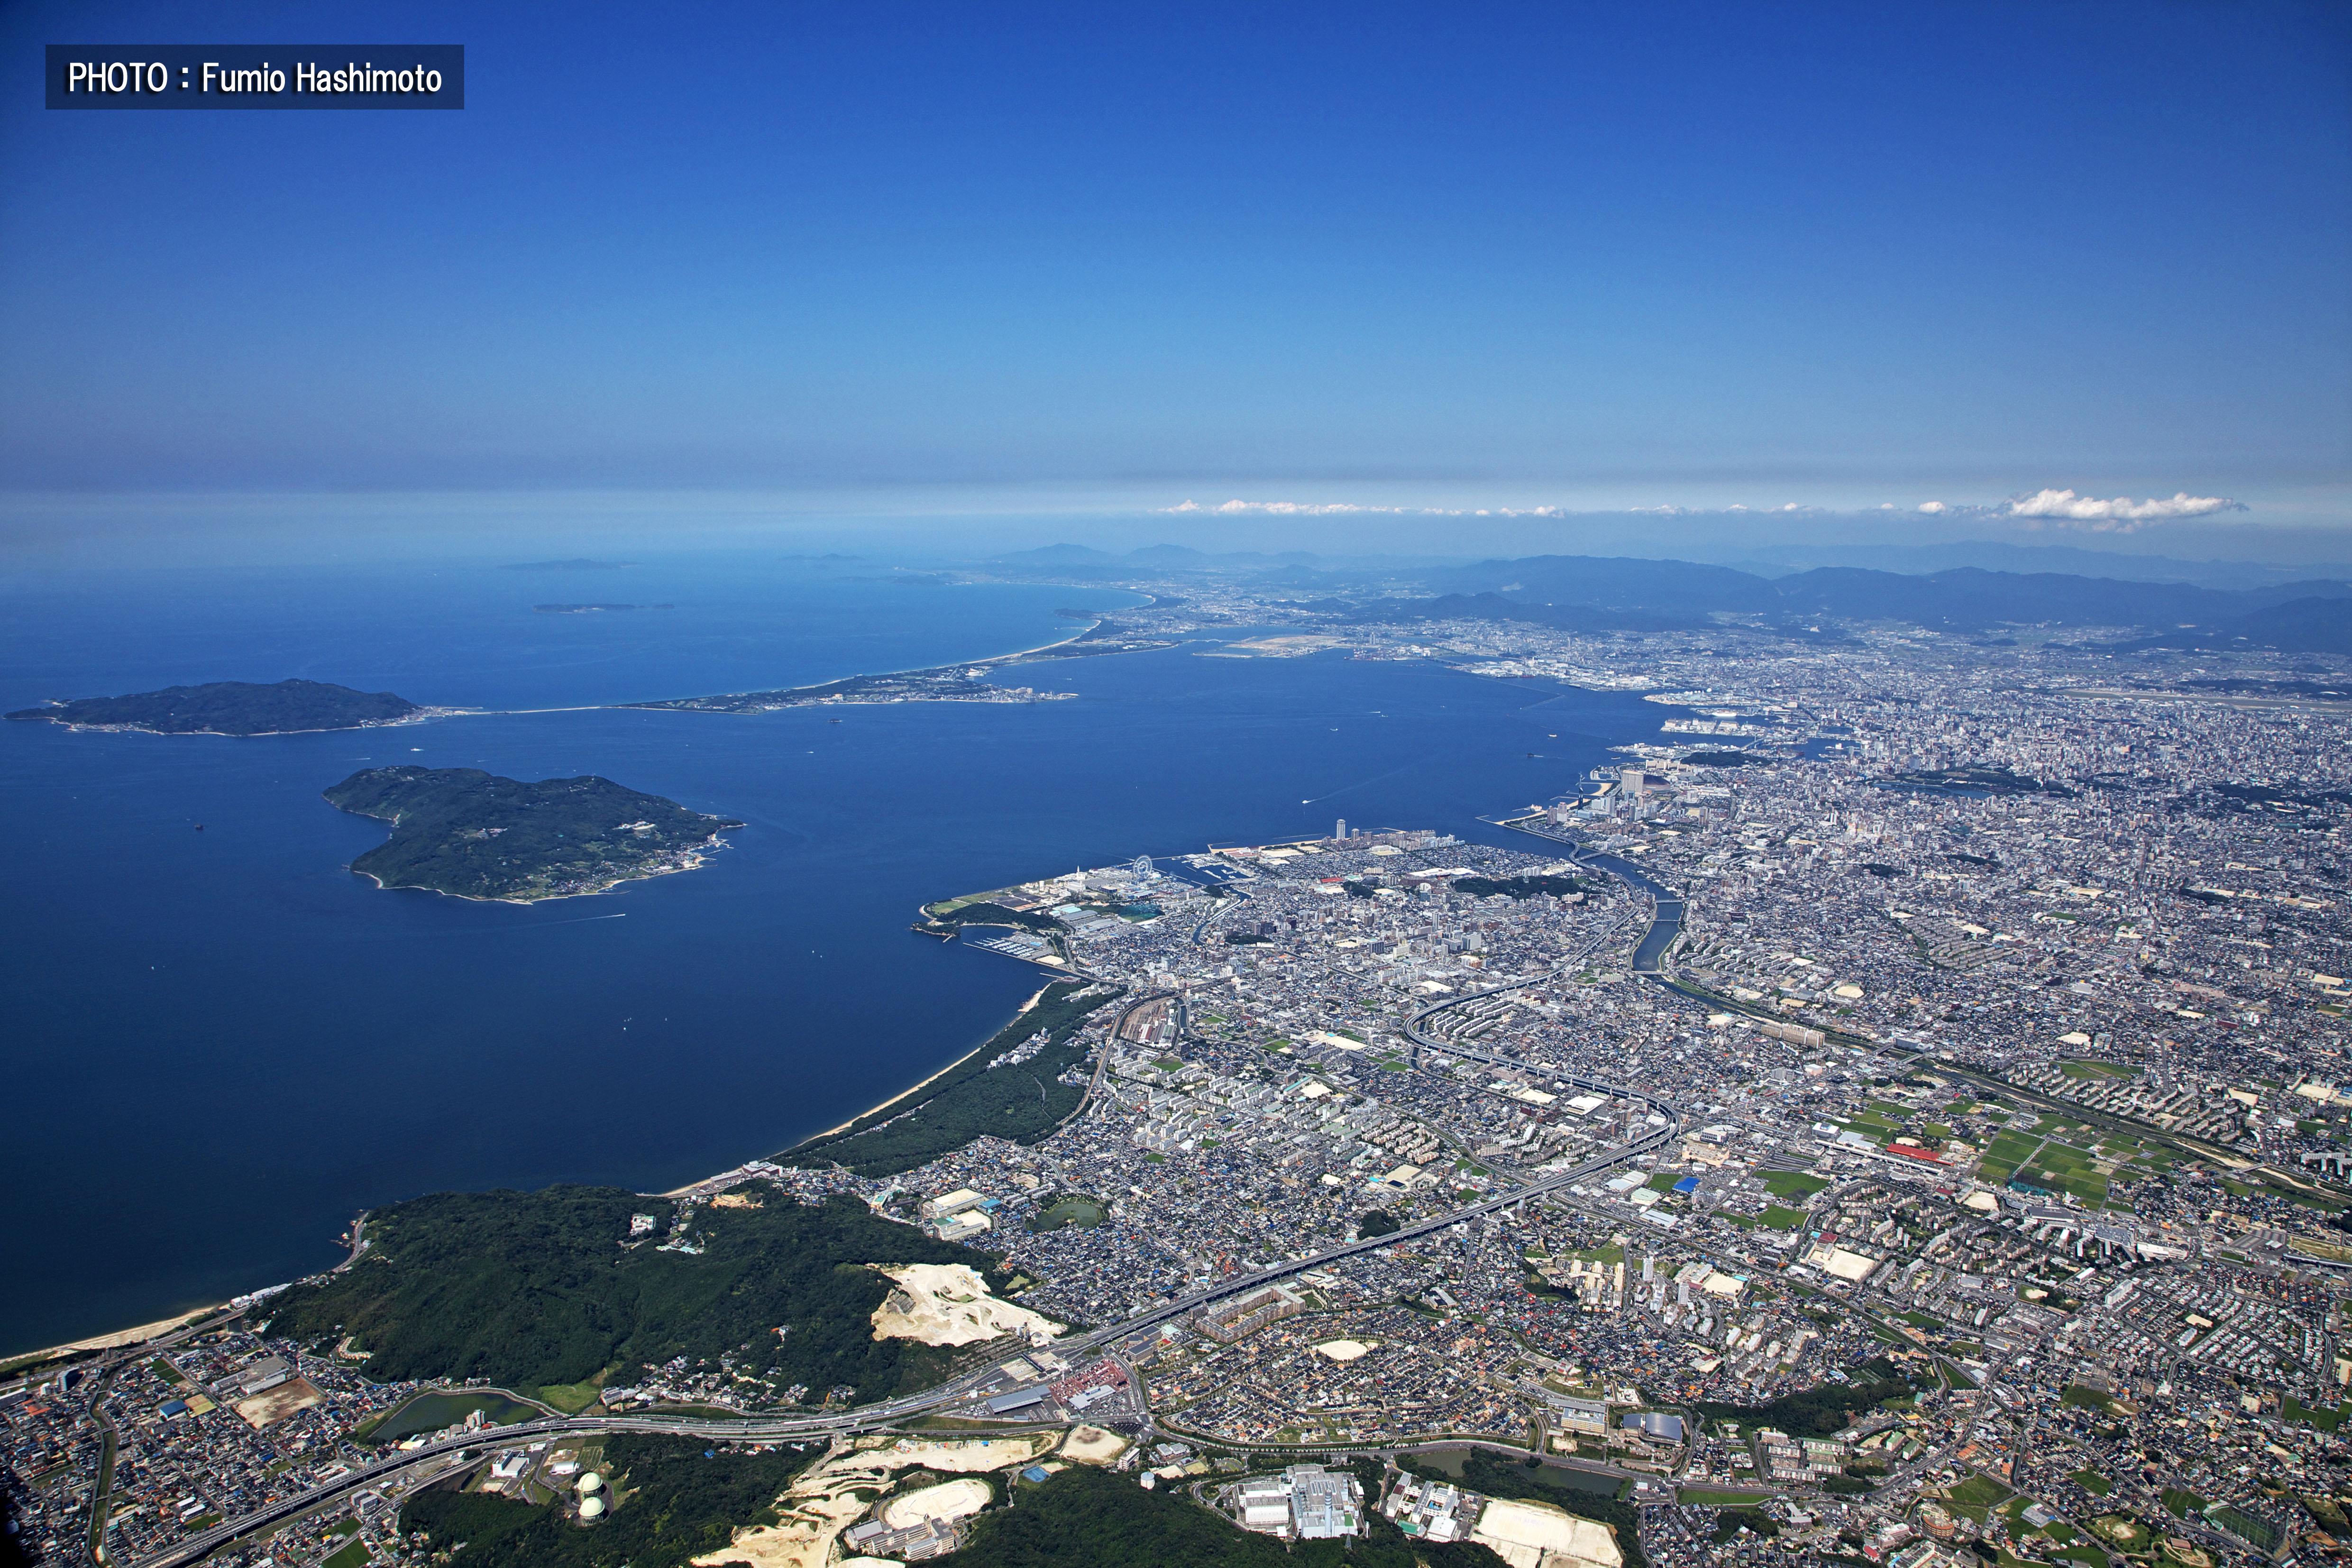 福岡市西部上空から(2009)の画像